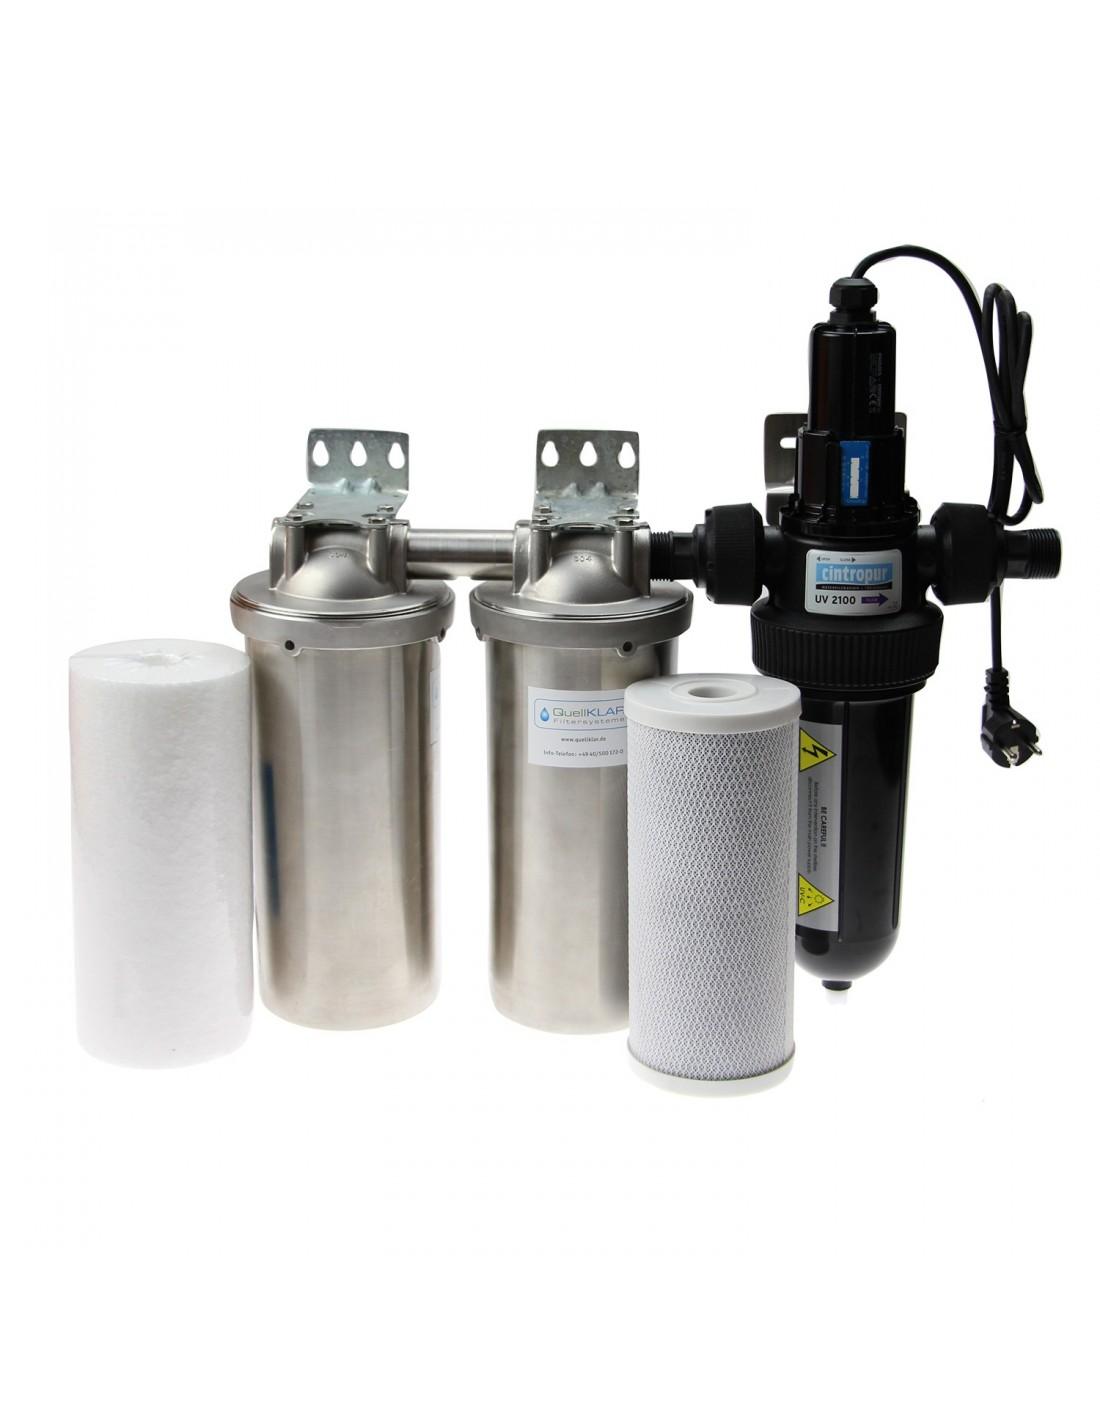 Haus-Wasserfilter, Edelstahl Gehäuse, Set Zur Desinfektion Und